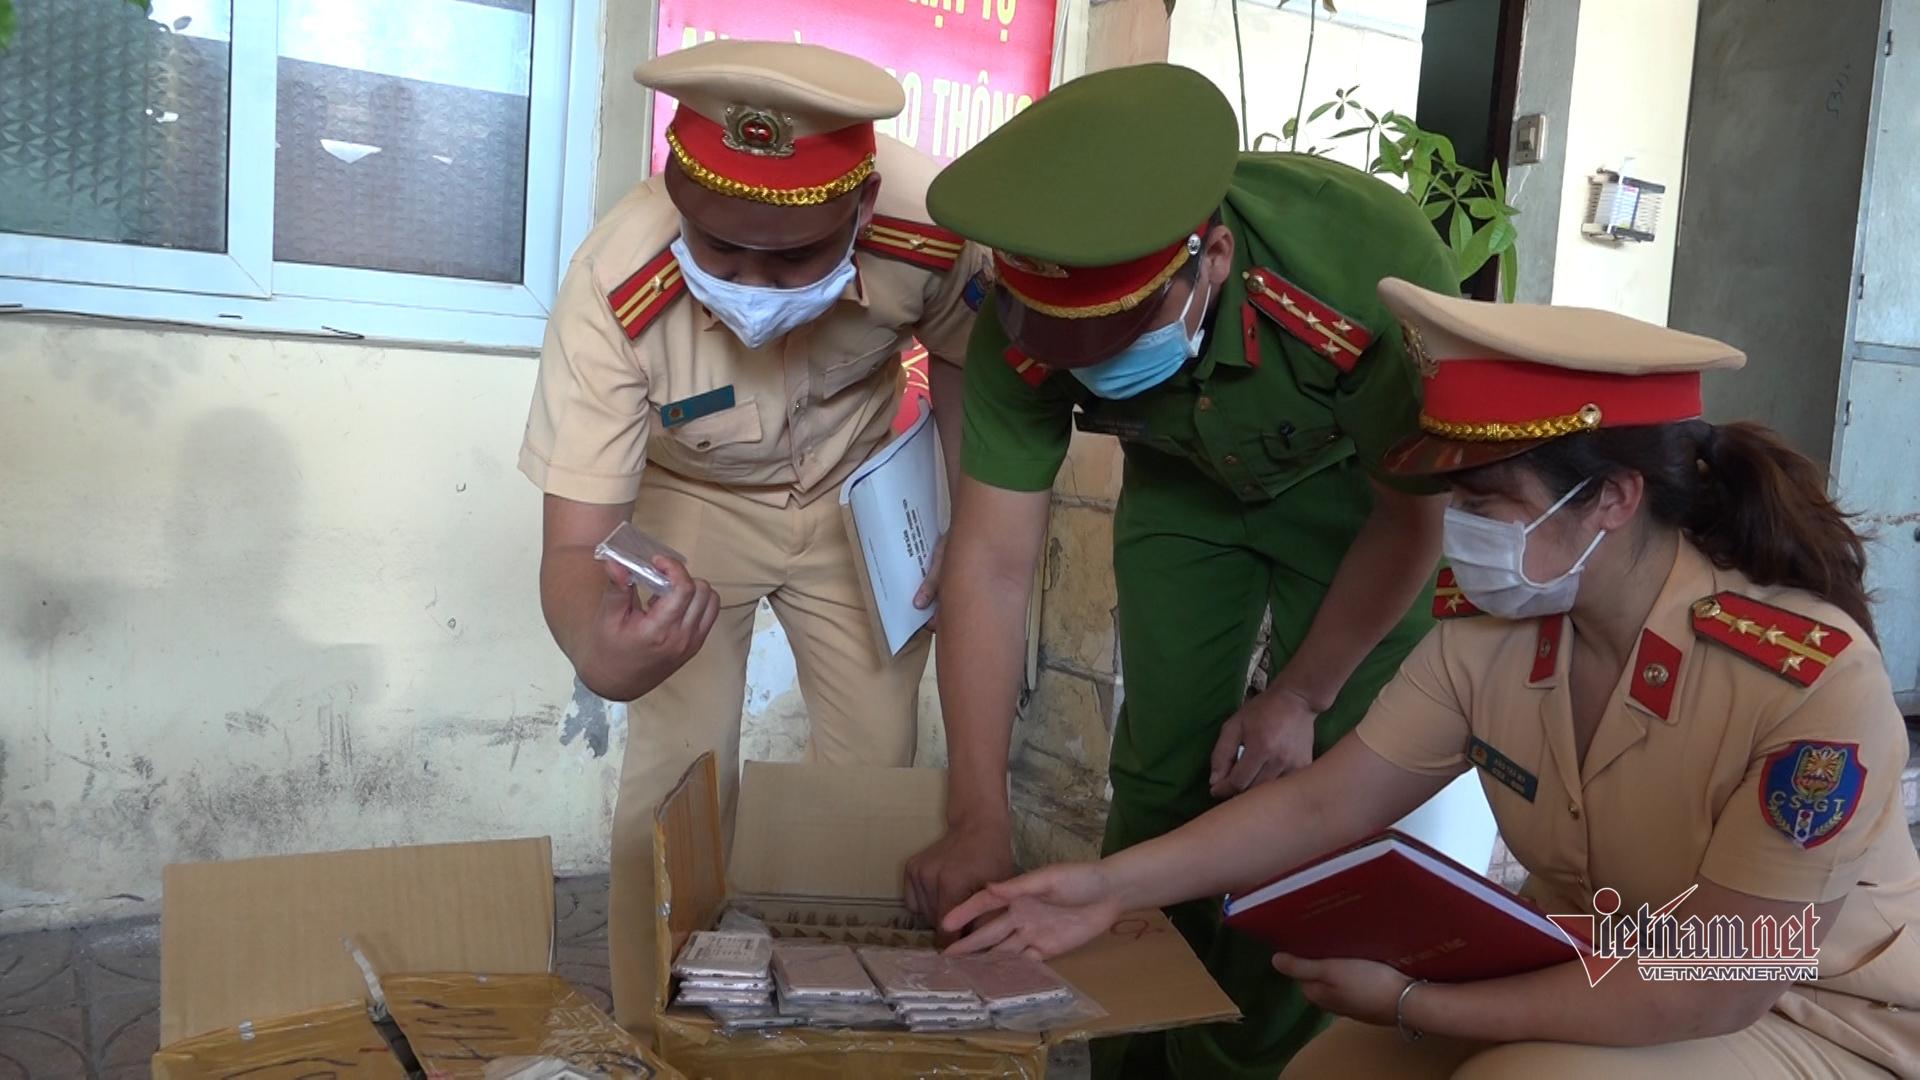 Cảnh sát giao thông bắt giữ lô điện thoại nghi nhập lậu trị giá hàng tỷ đồng